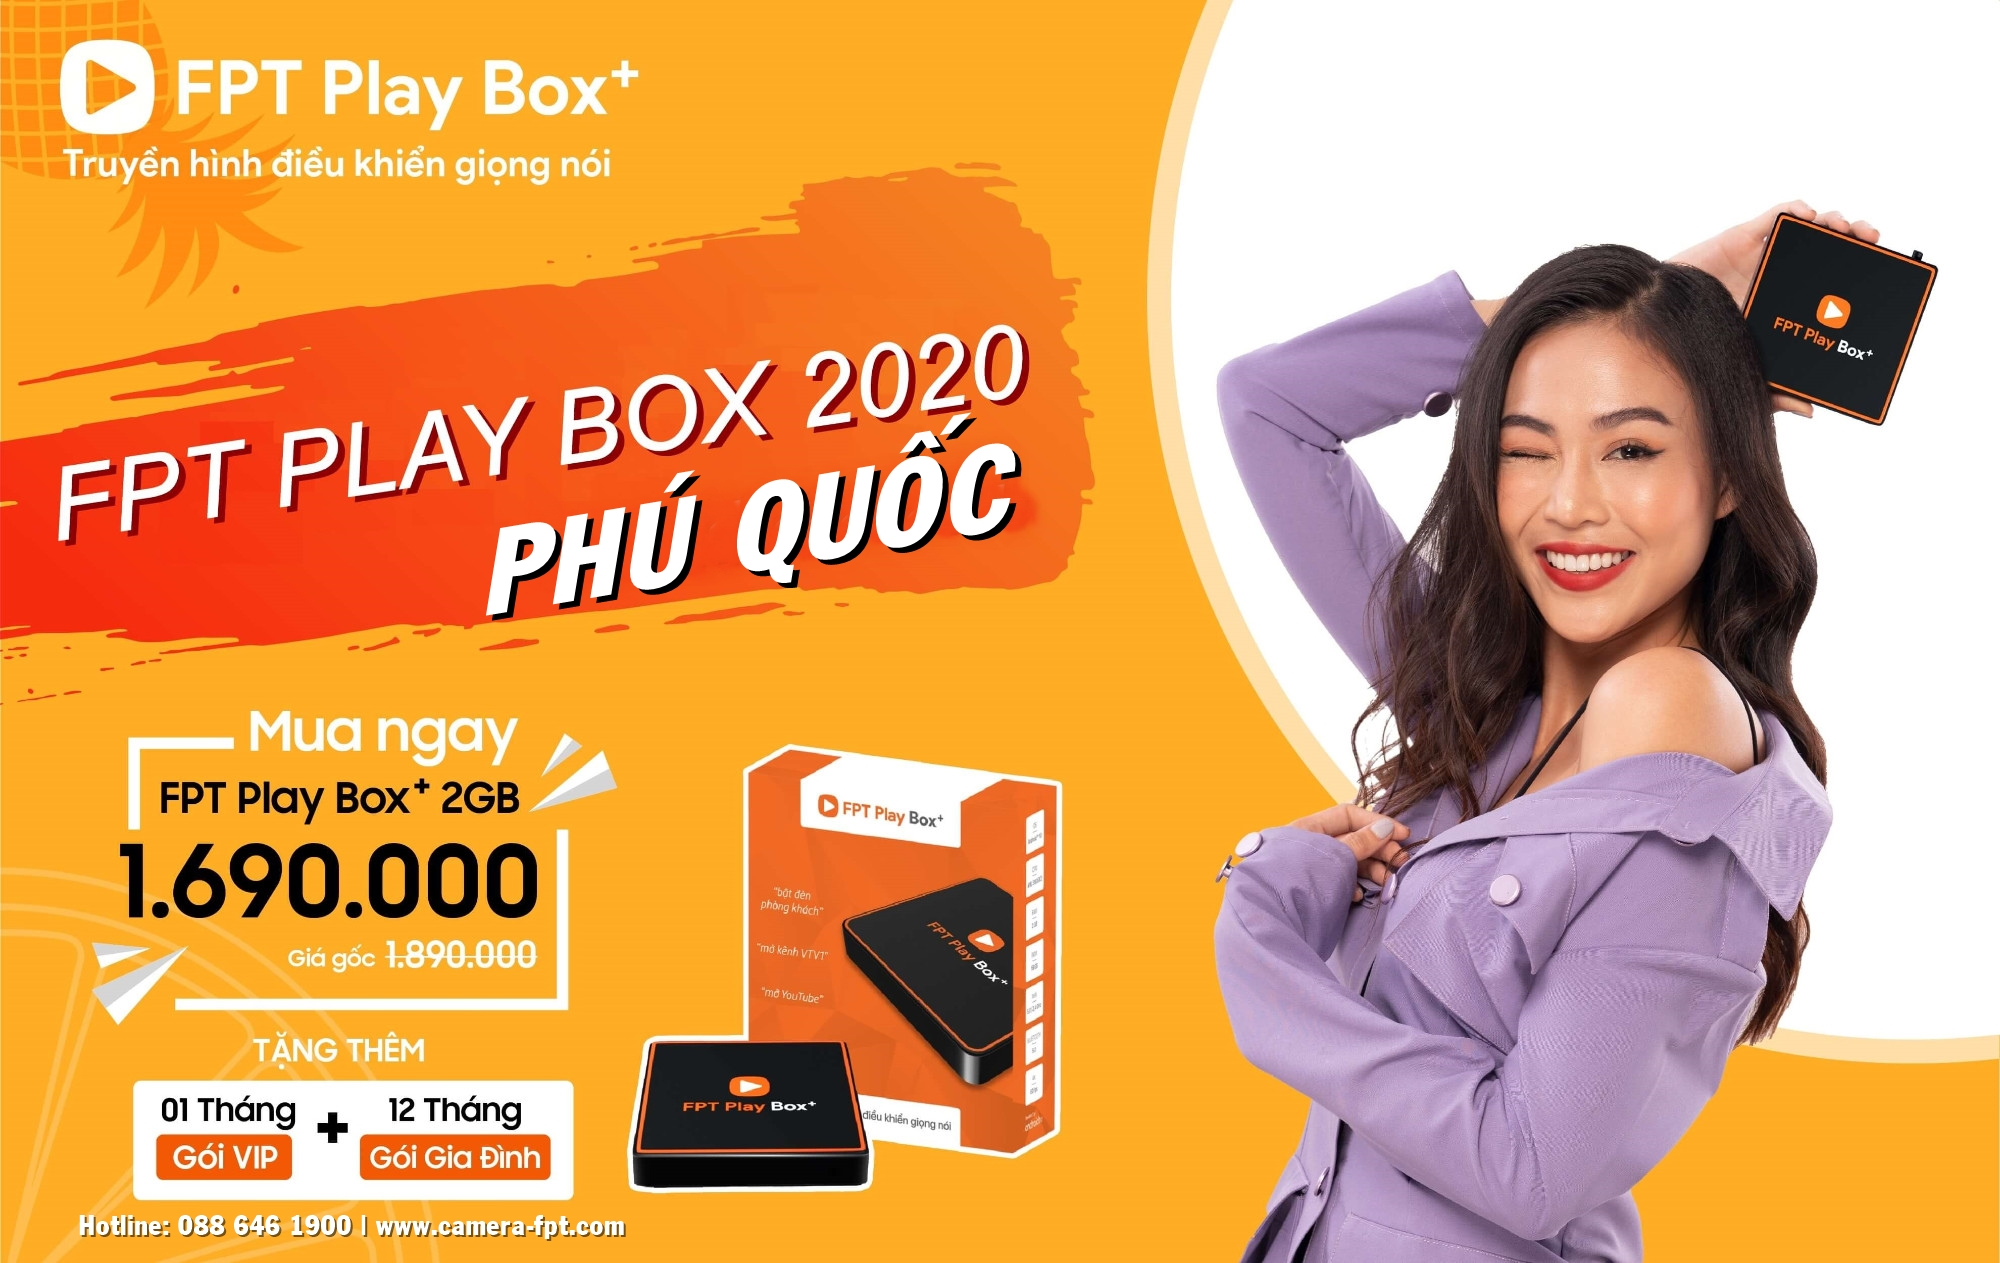 Mua FPT Play BOX tại Phú Quốc ✓ Khuyến mãi 12 tháng xem truyền hình cáp